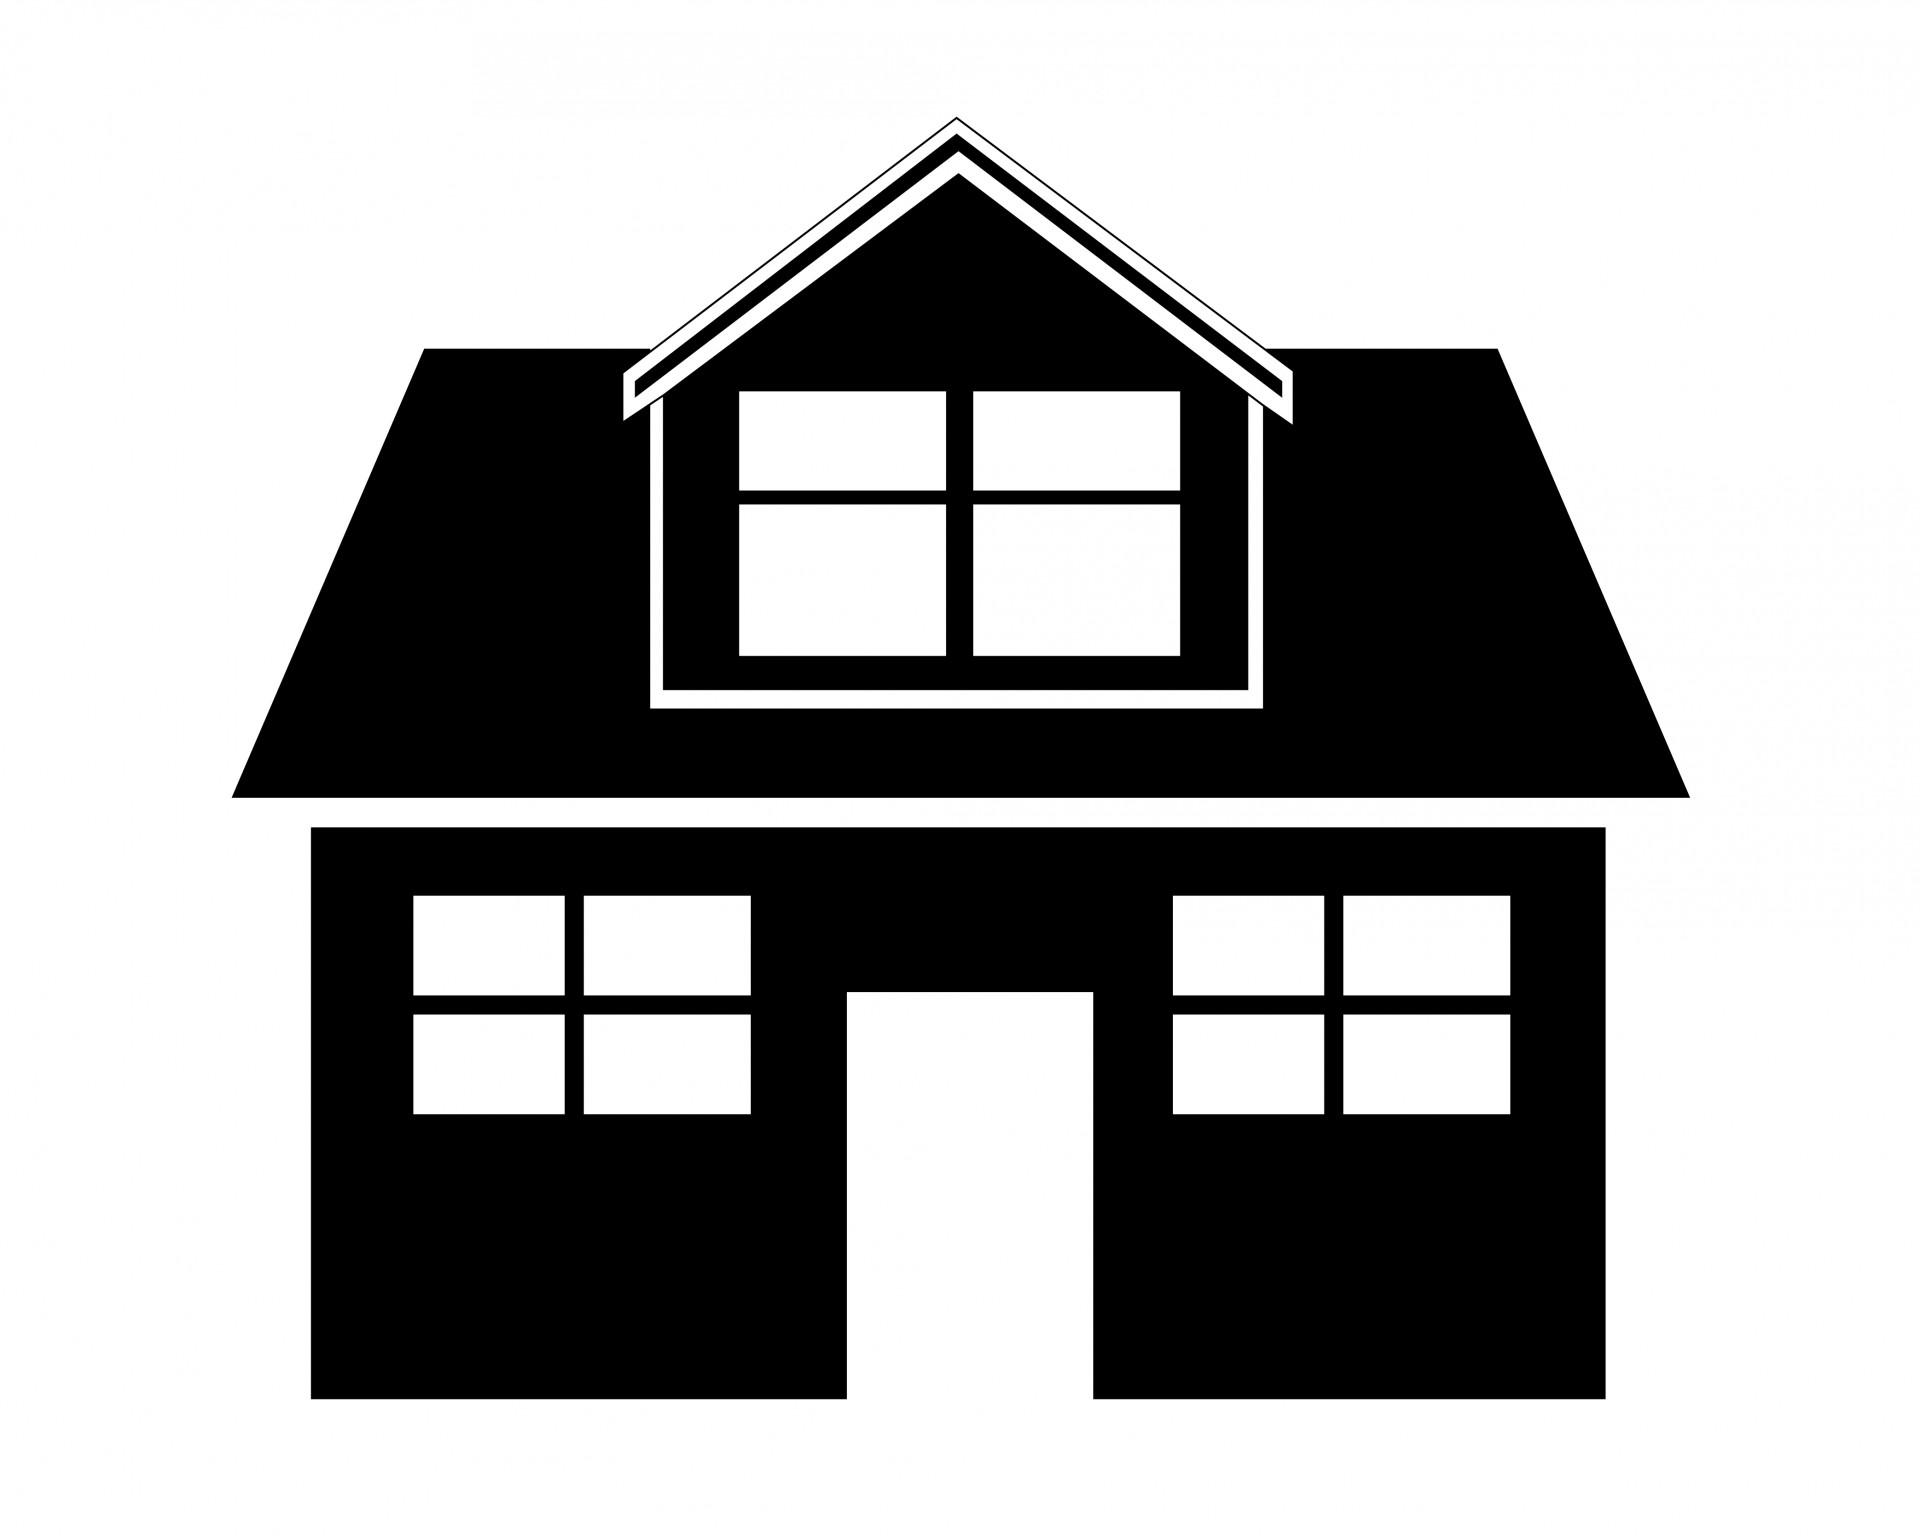 Maison clipart noir et blanc.